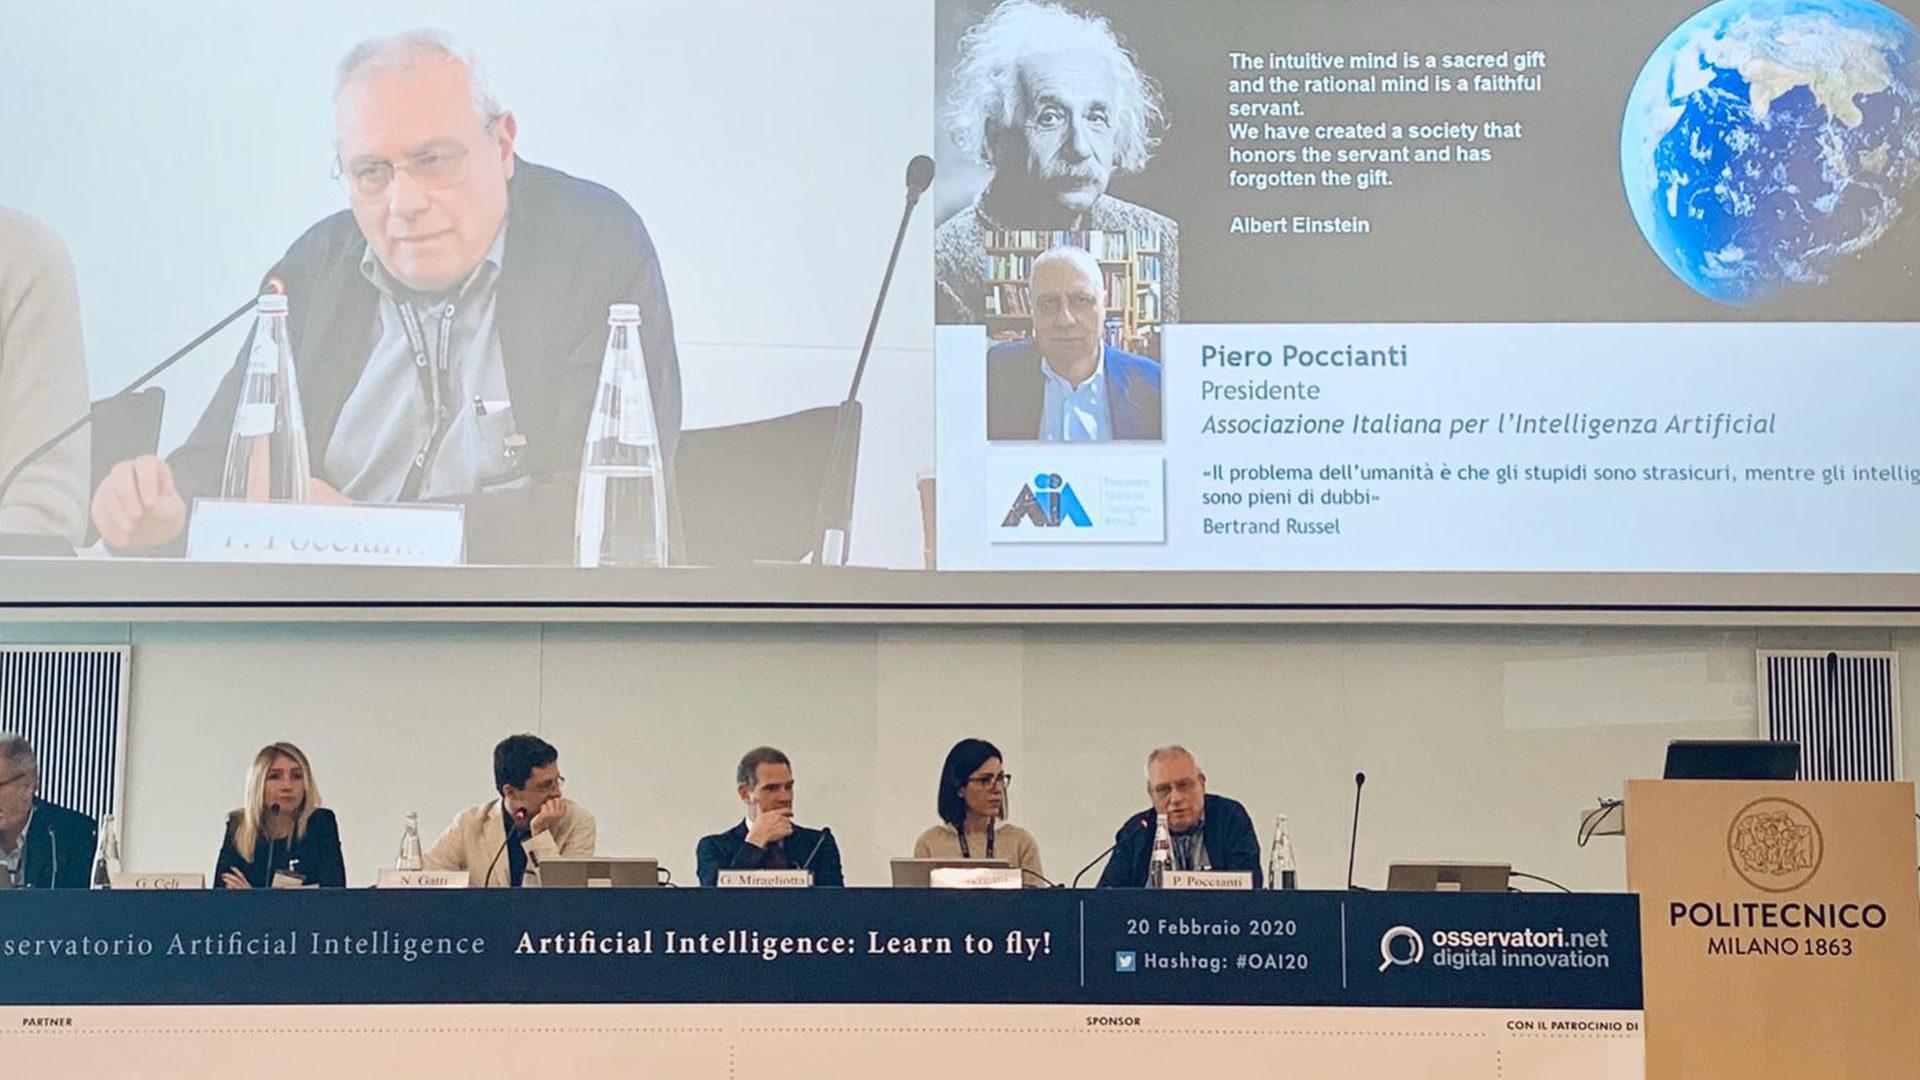 Osservatorio Artificial Intelligence del Politecnico di Milano 1